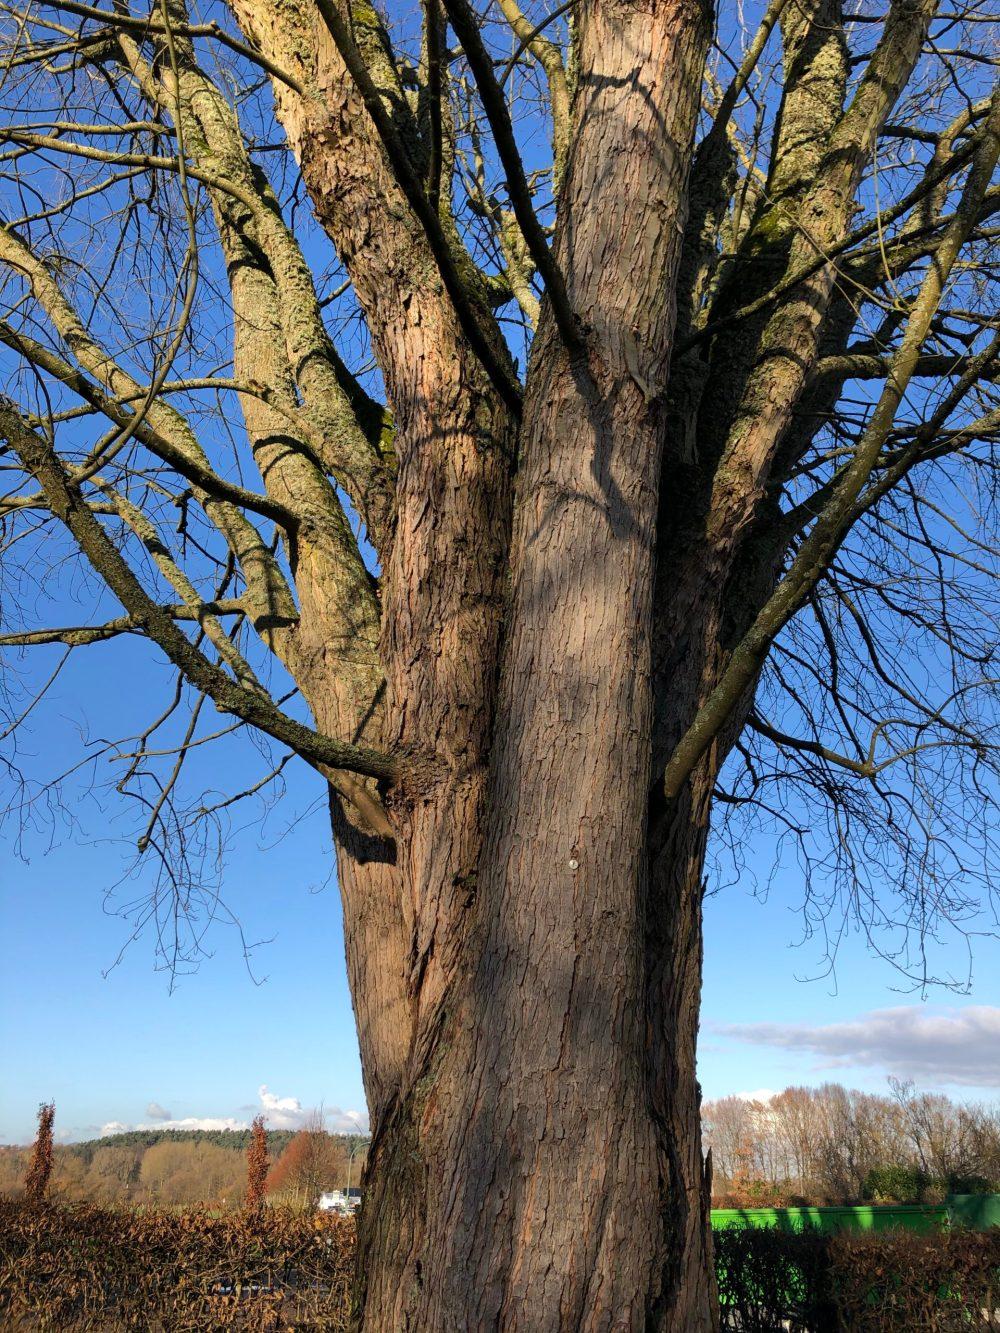 Baumstamm aus dem mehrere Bäume und Äste herauswachsen